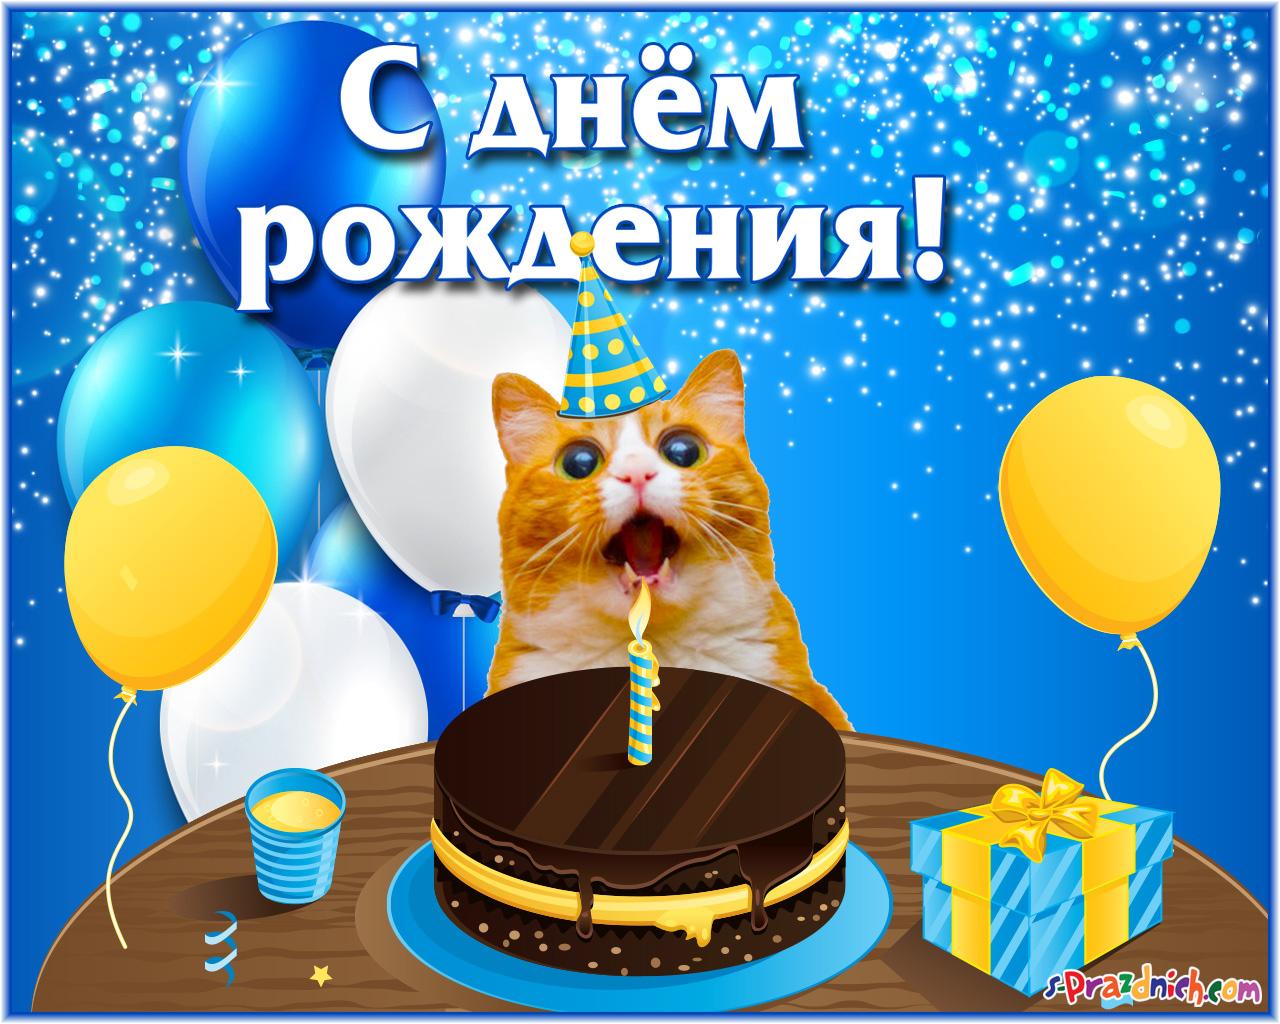 Поздравления с днем рождения с котами